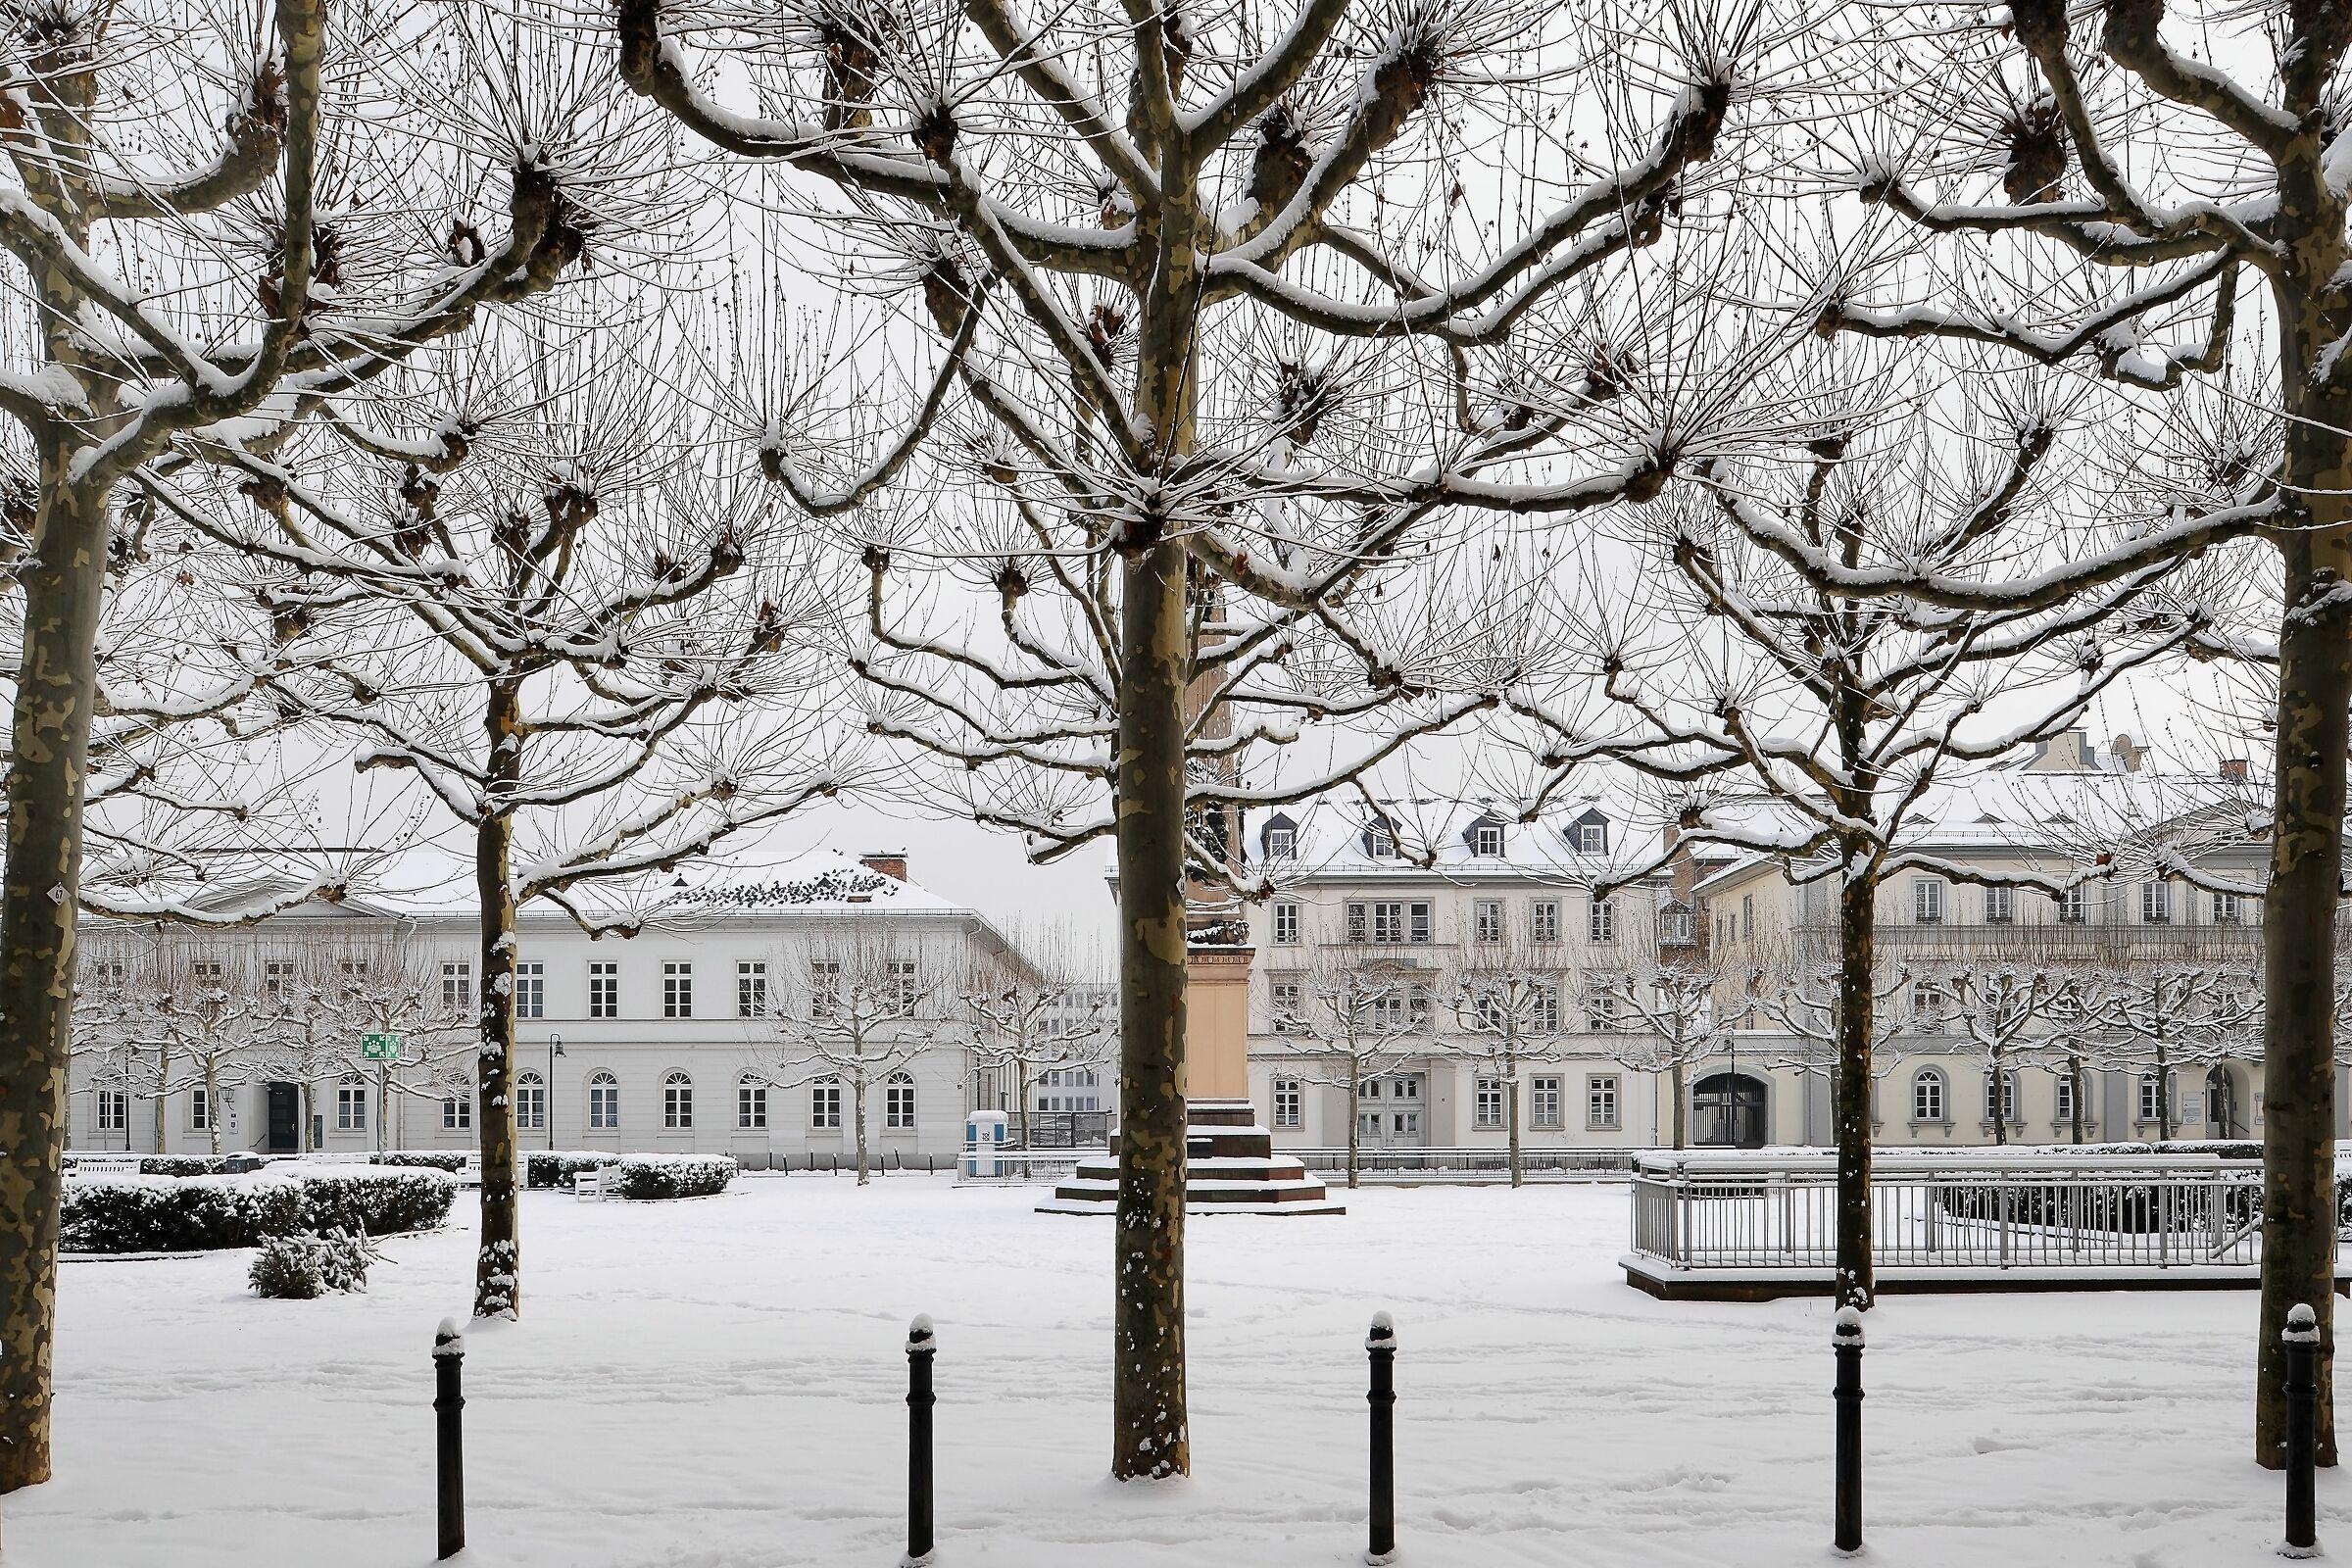 Winter; Wiesbaden, Germany...